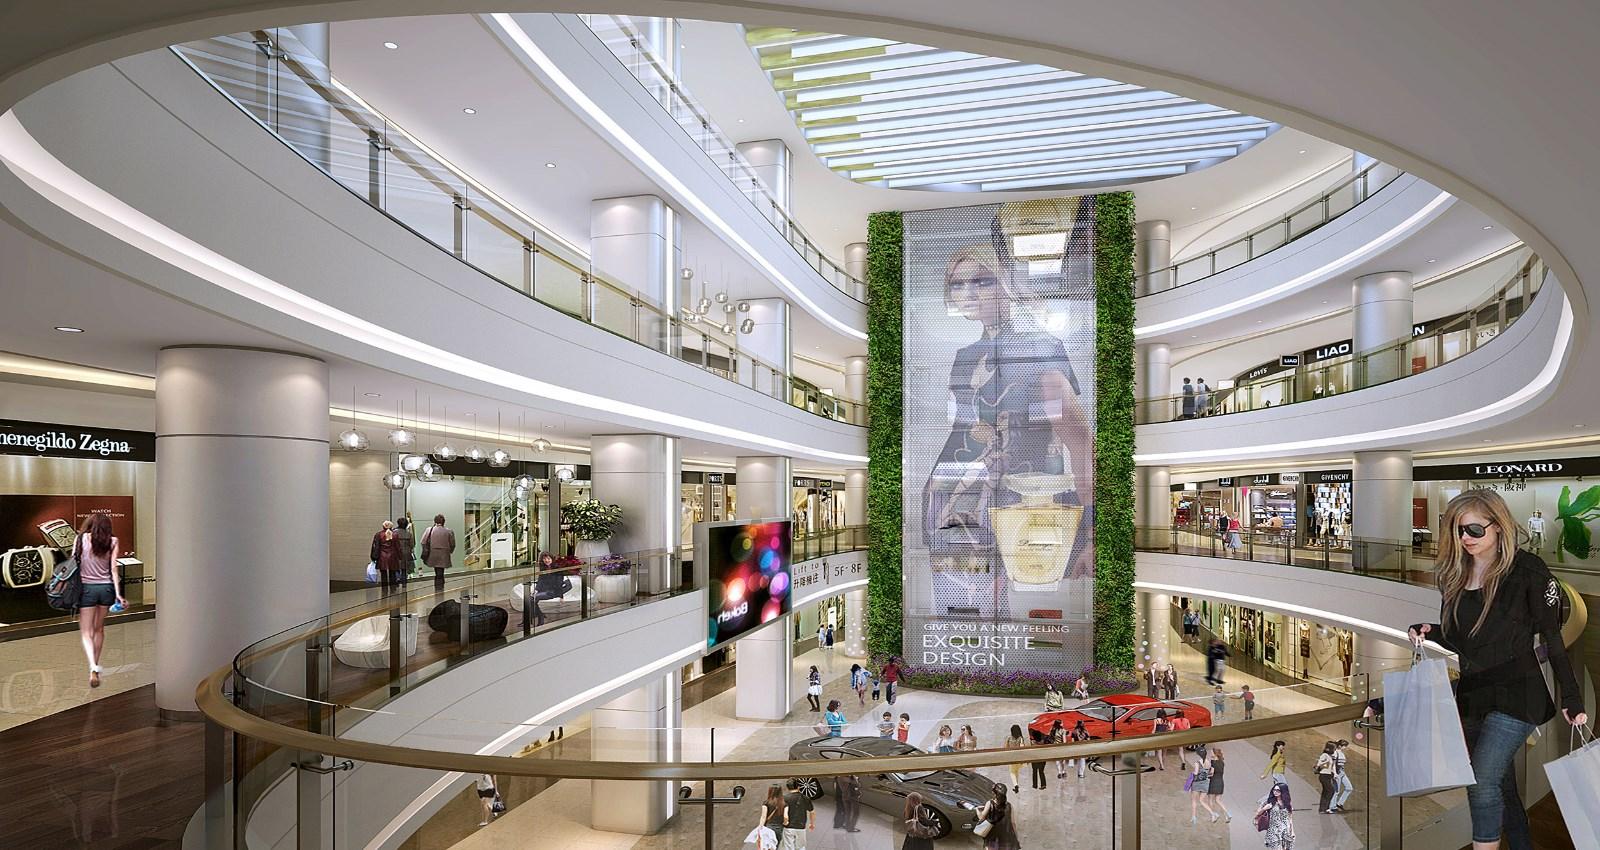 装修公司网站_福田建筑、建材设计-深圳市唯创装饰设计工程有限公司